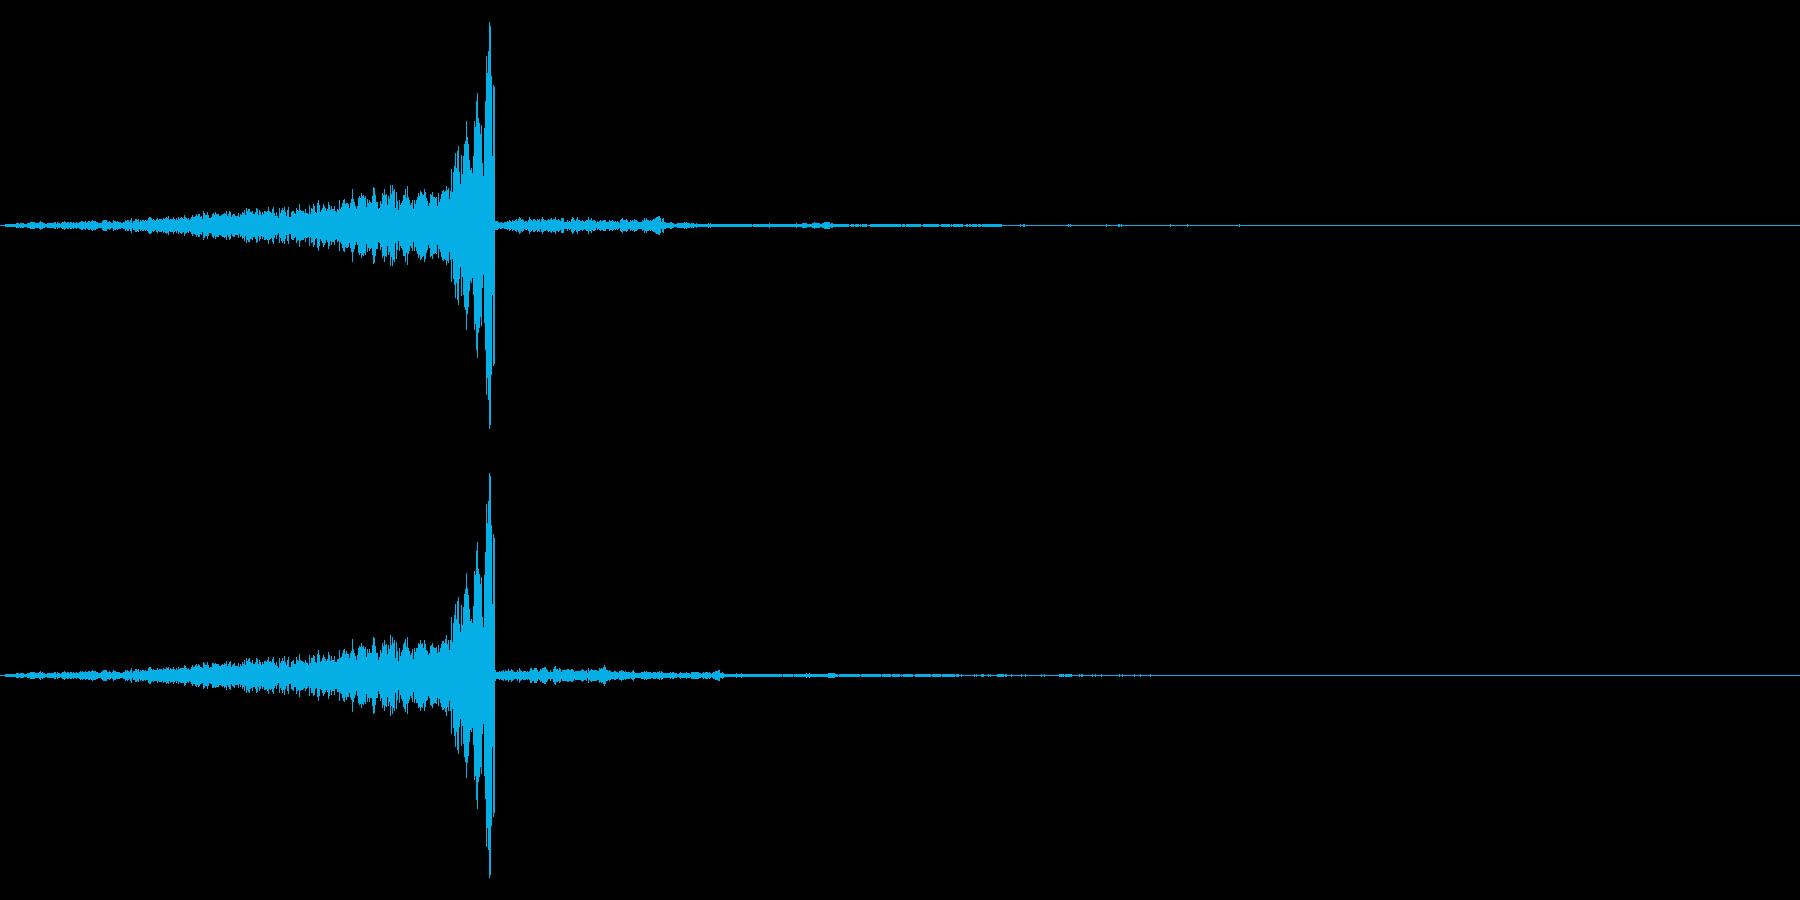 ゲームの効果音7 飛んでくる ヒュンの再生済みの波形